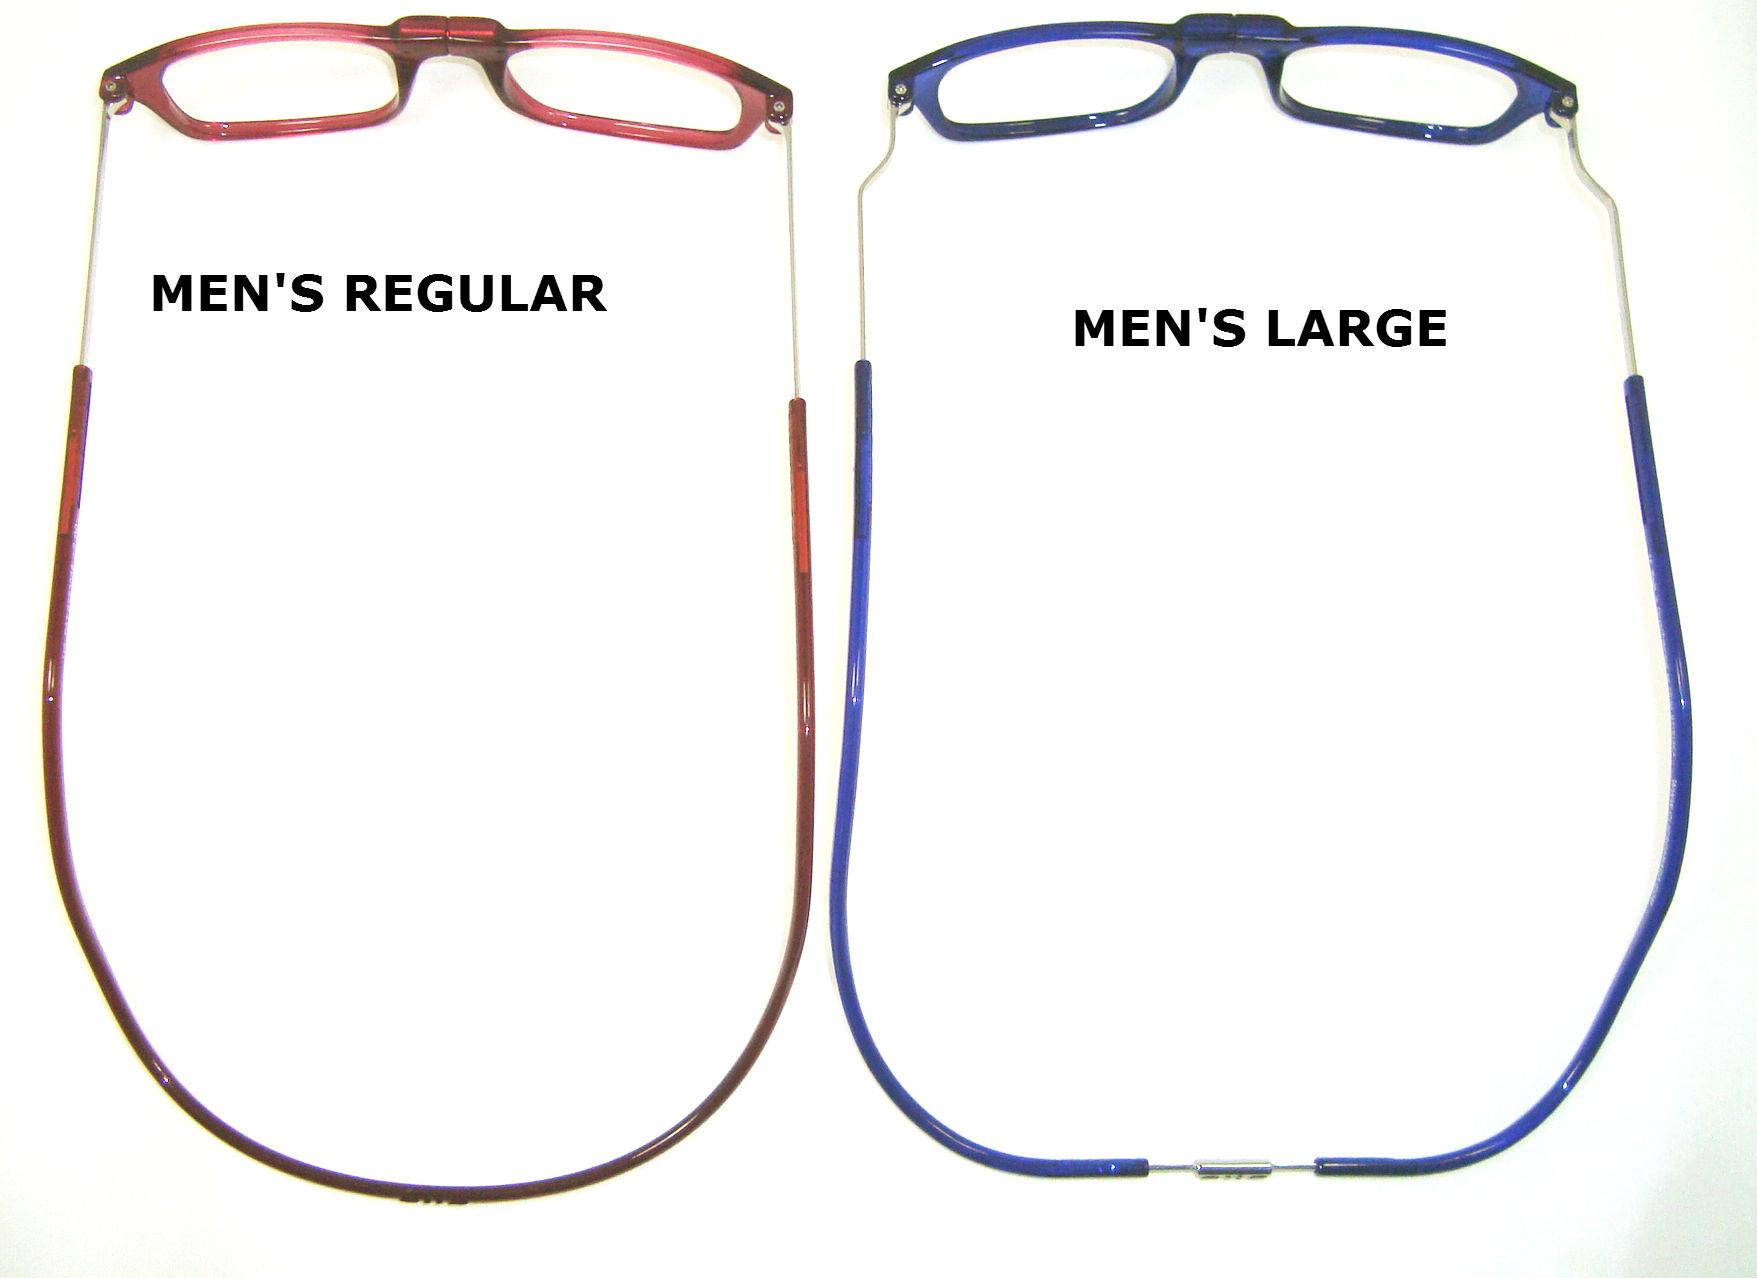 MEN'S REGULAR & LARGE WEB